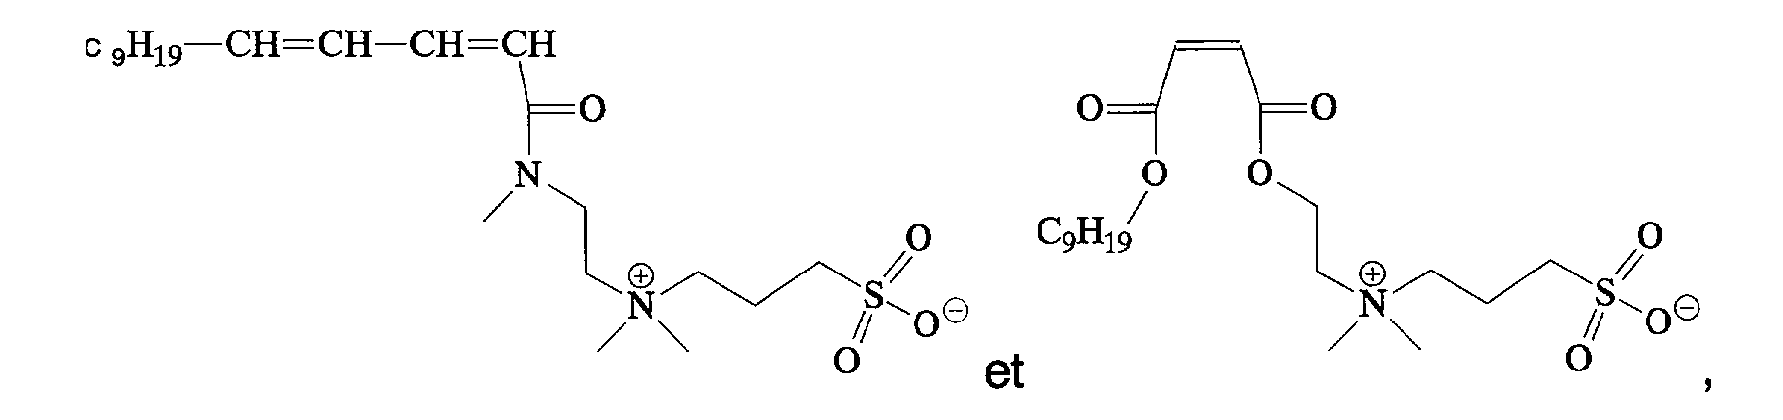 Figure img00140001